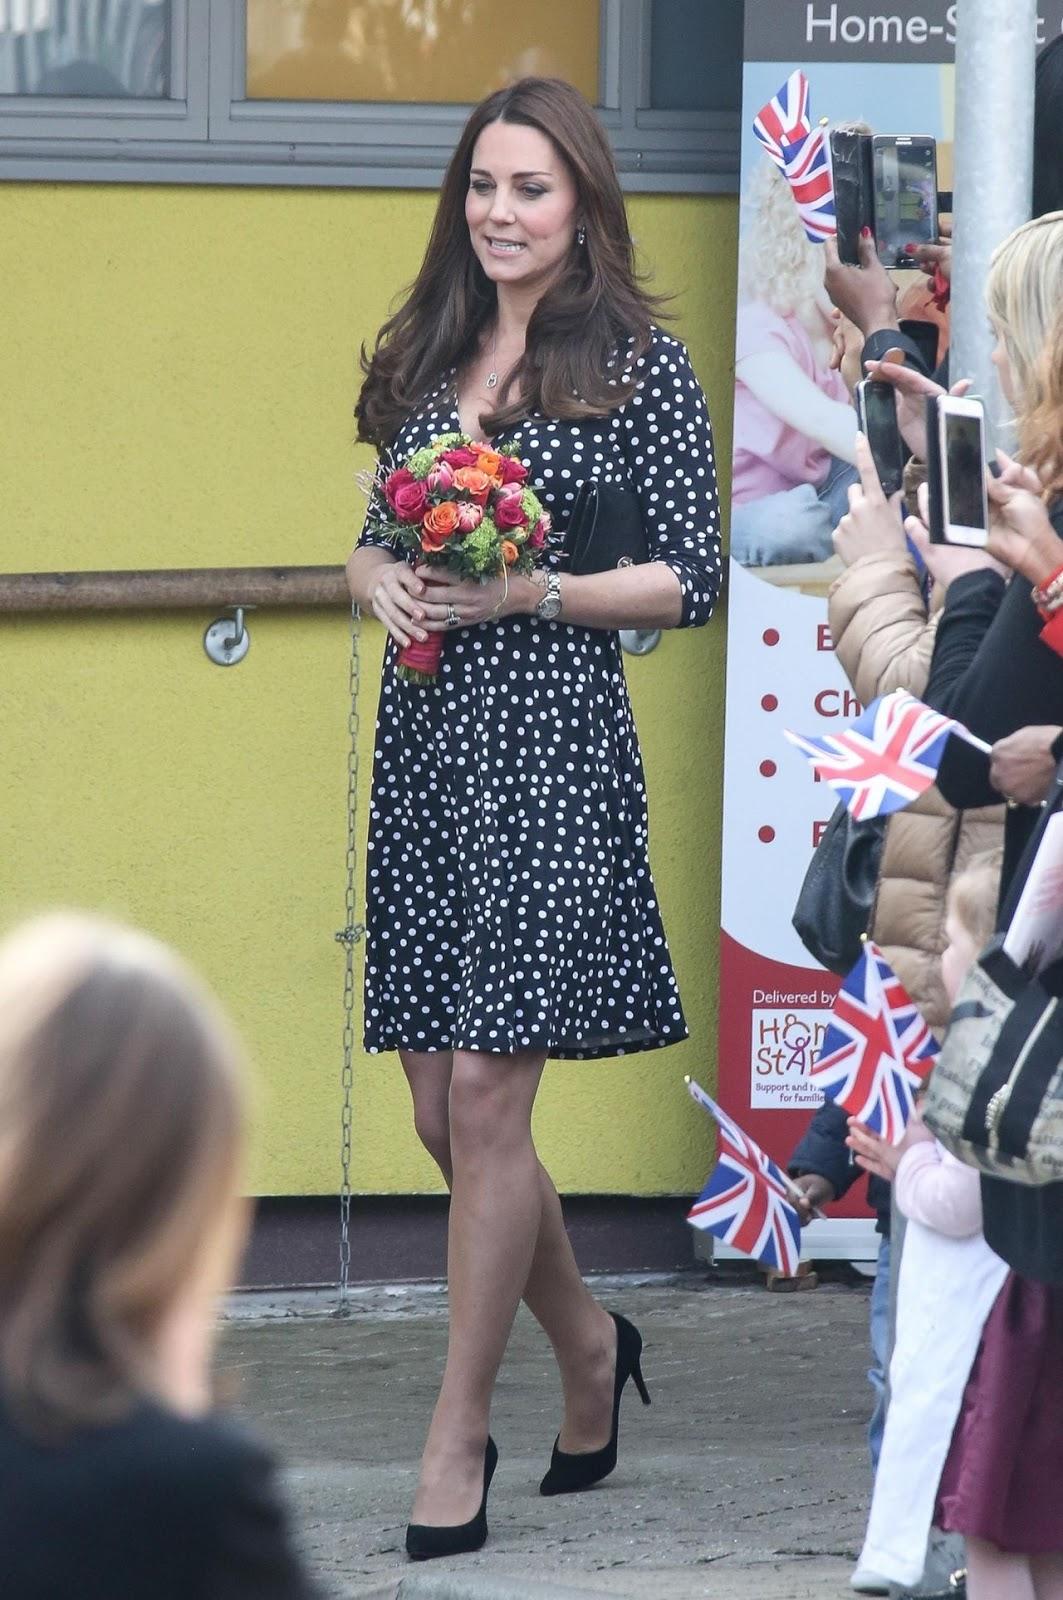 Foto Profil Kate Middleton Biography Terbaru 2016 Info Terbaru 2017